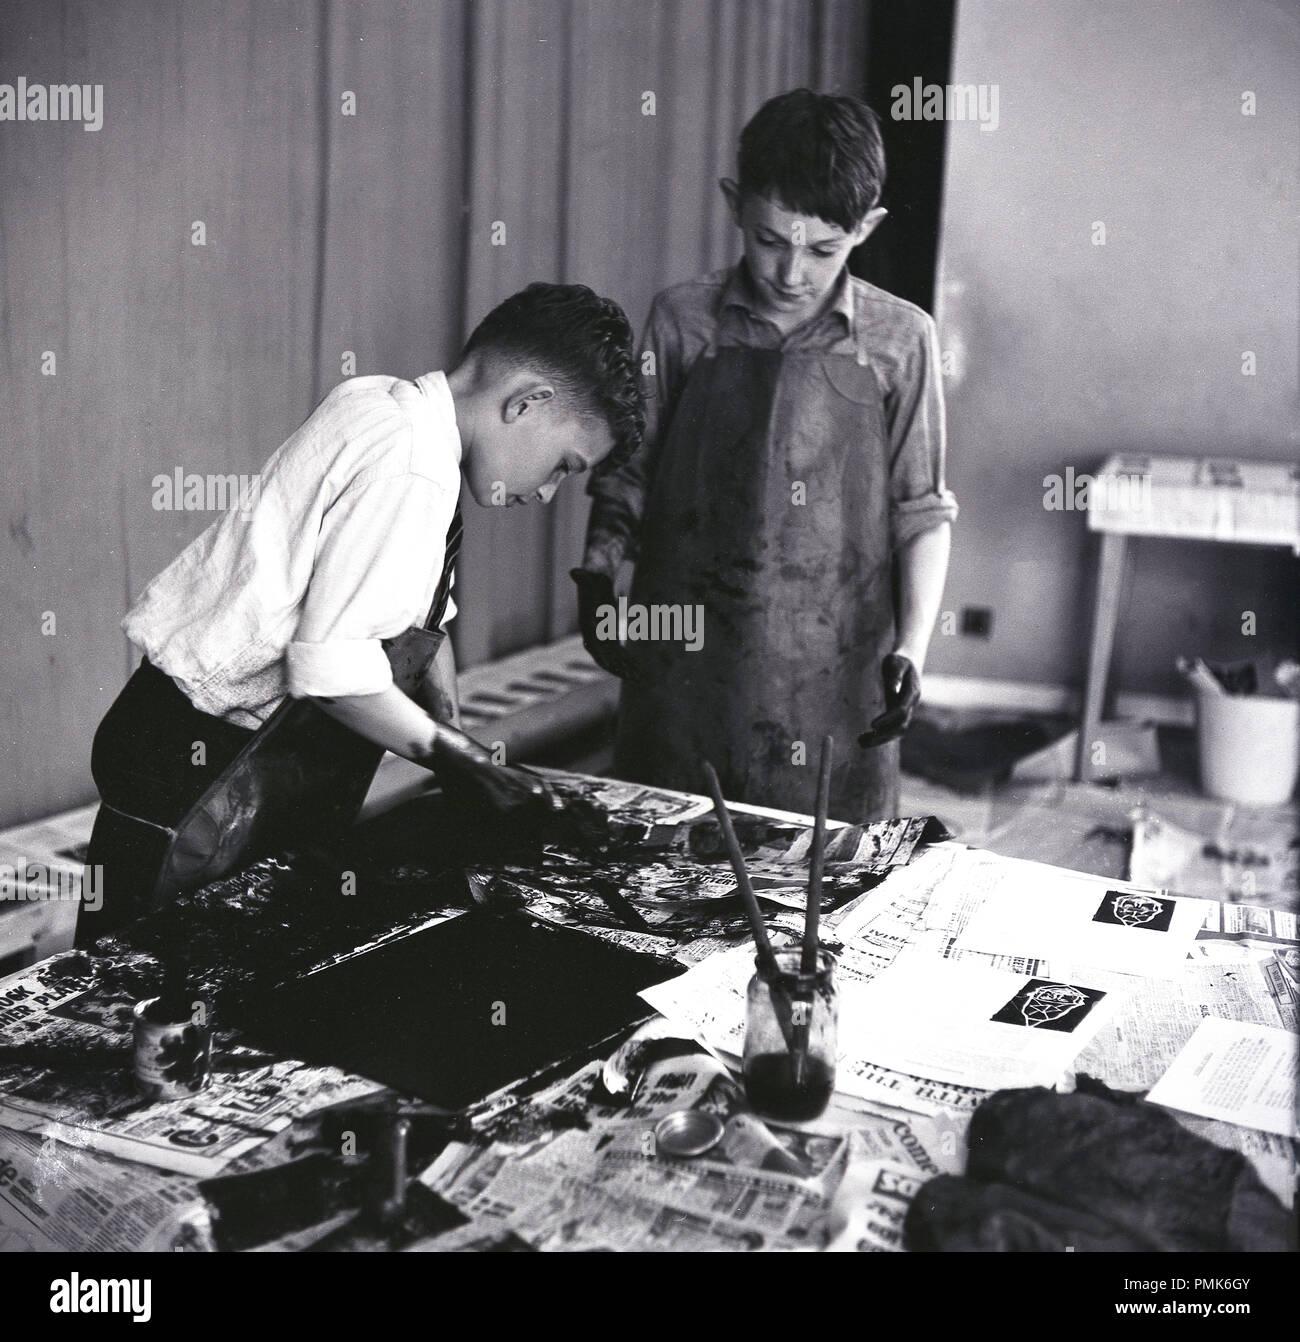 1960, historische, zwei Schüler erhalten unordentlich Ausdrucke in einem artclass, England, UK. Stockbild